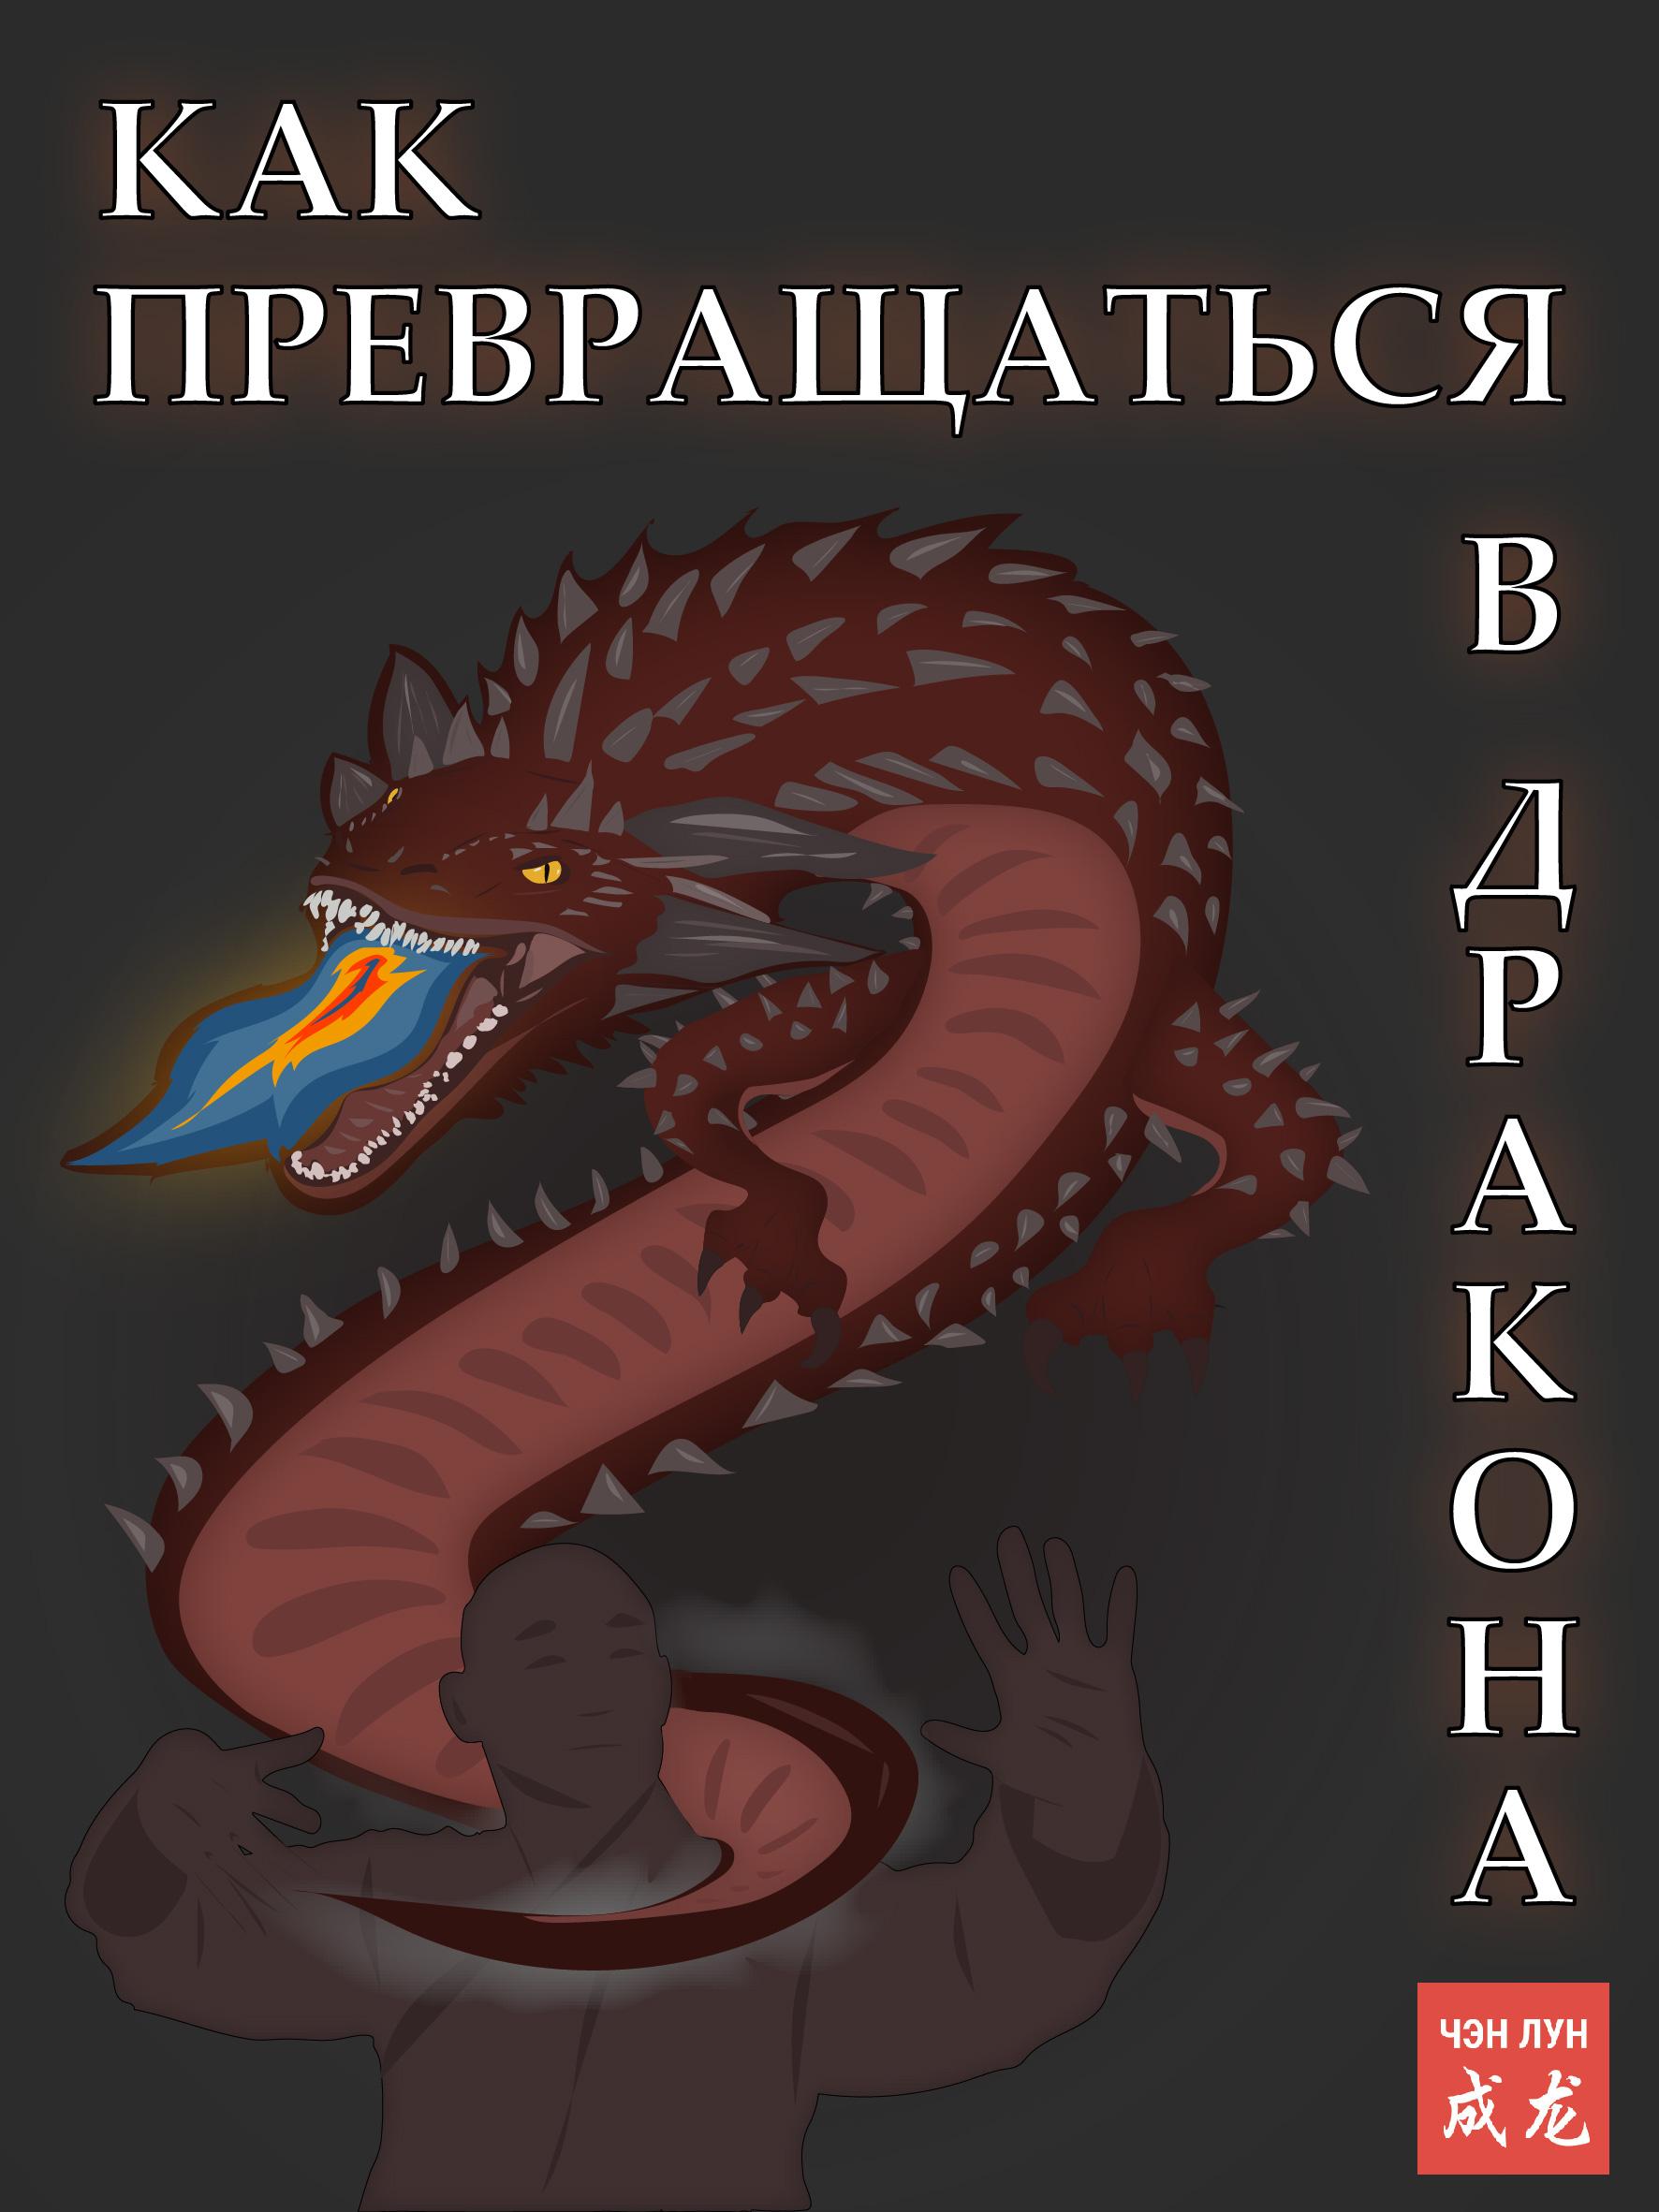 Обложка для книги фото f_8845f5663c7a0b5d.jpg